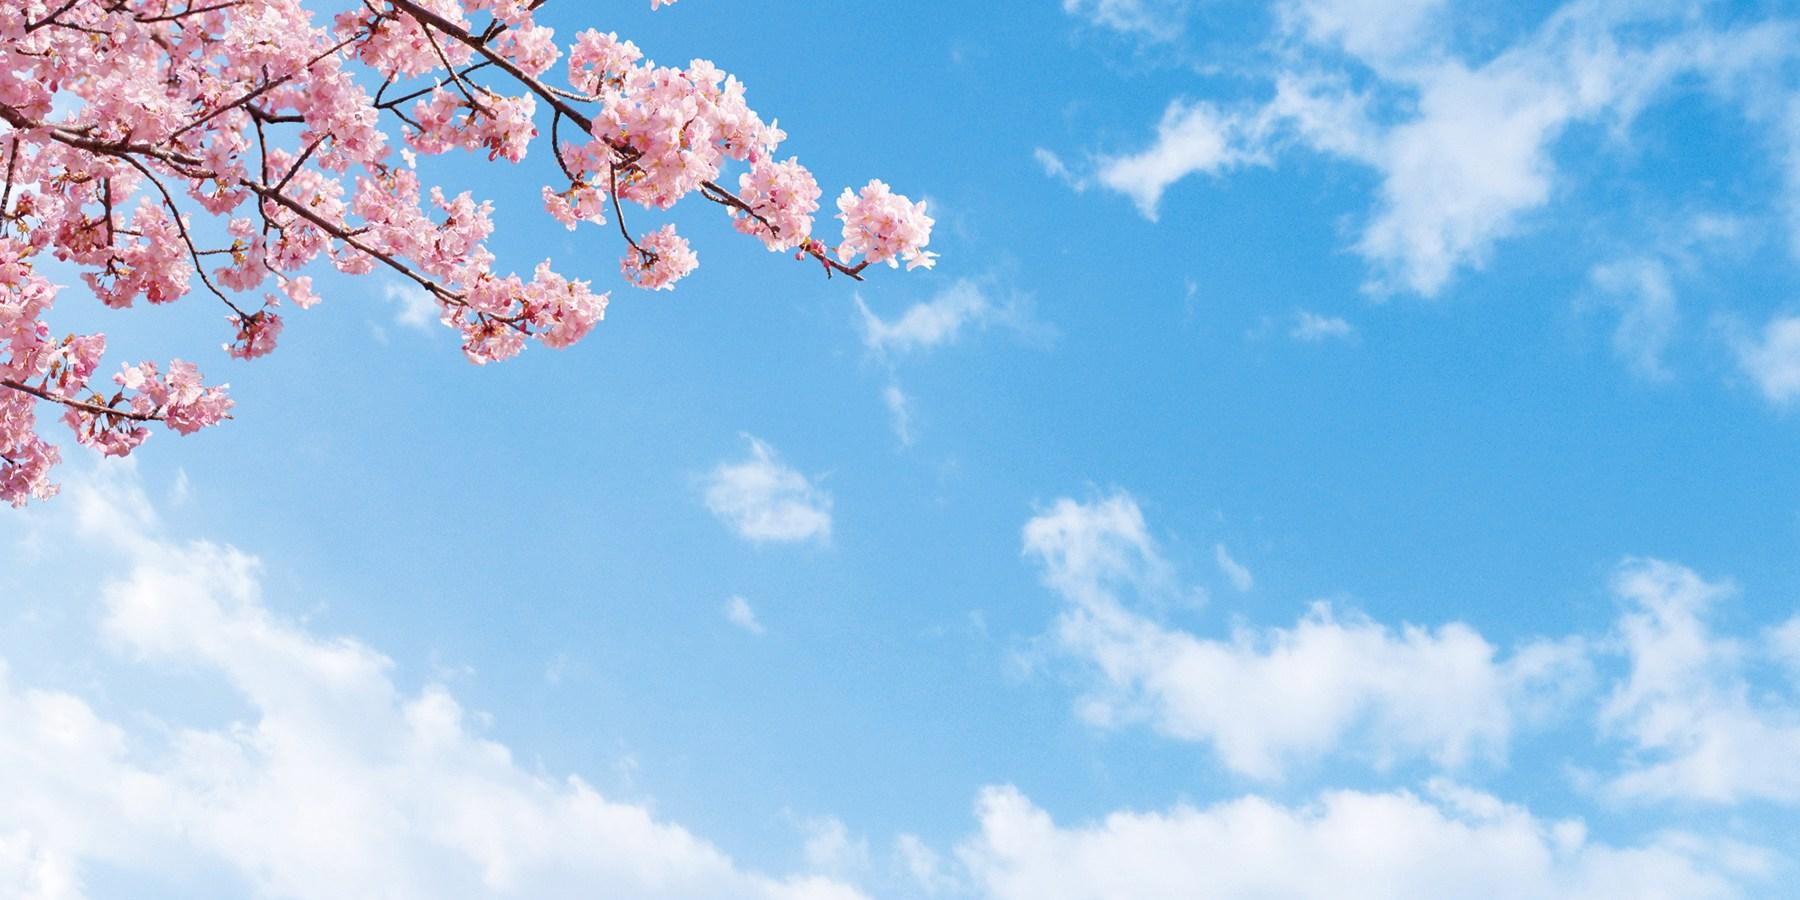 青空と桜で春のイメージ写真